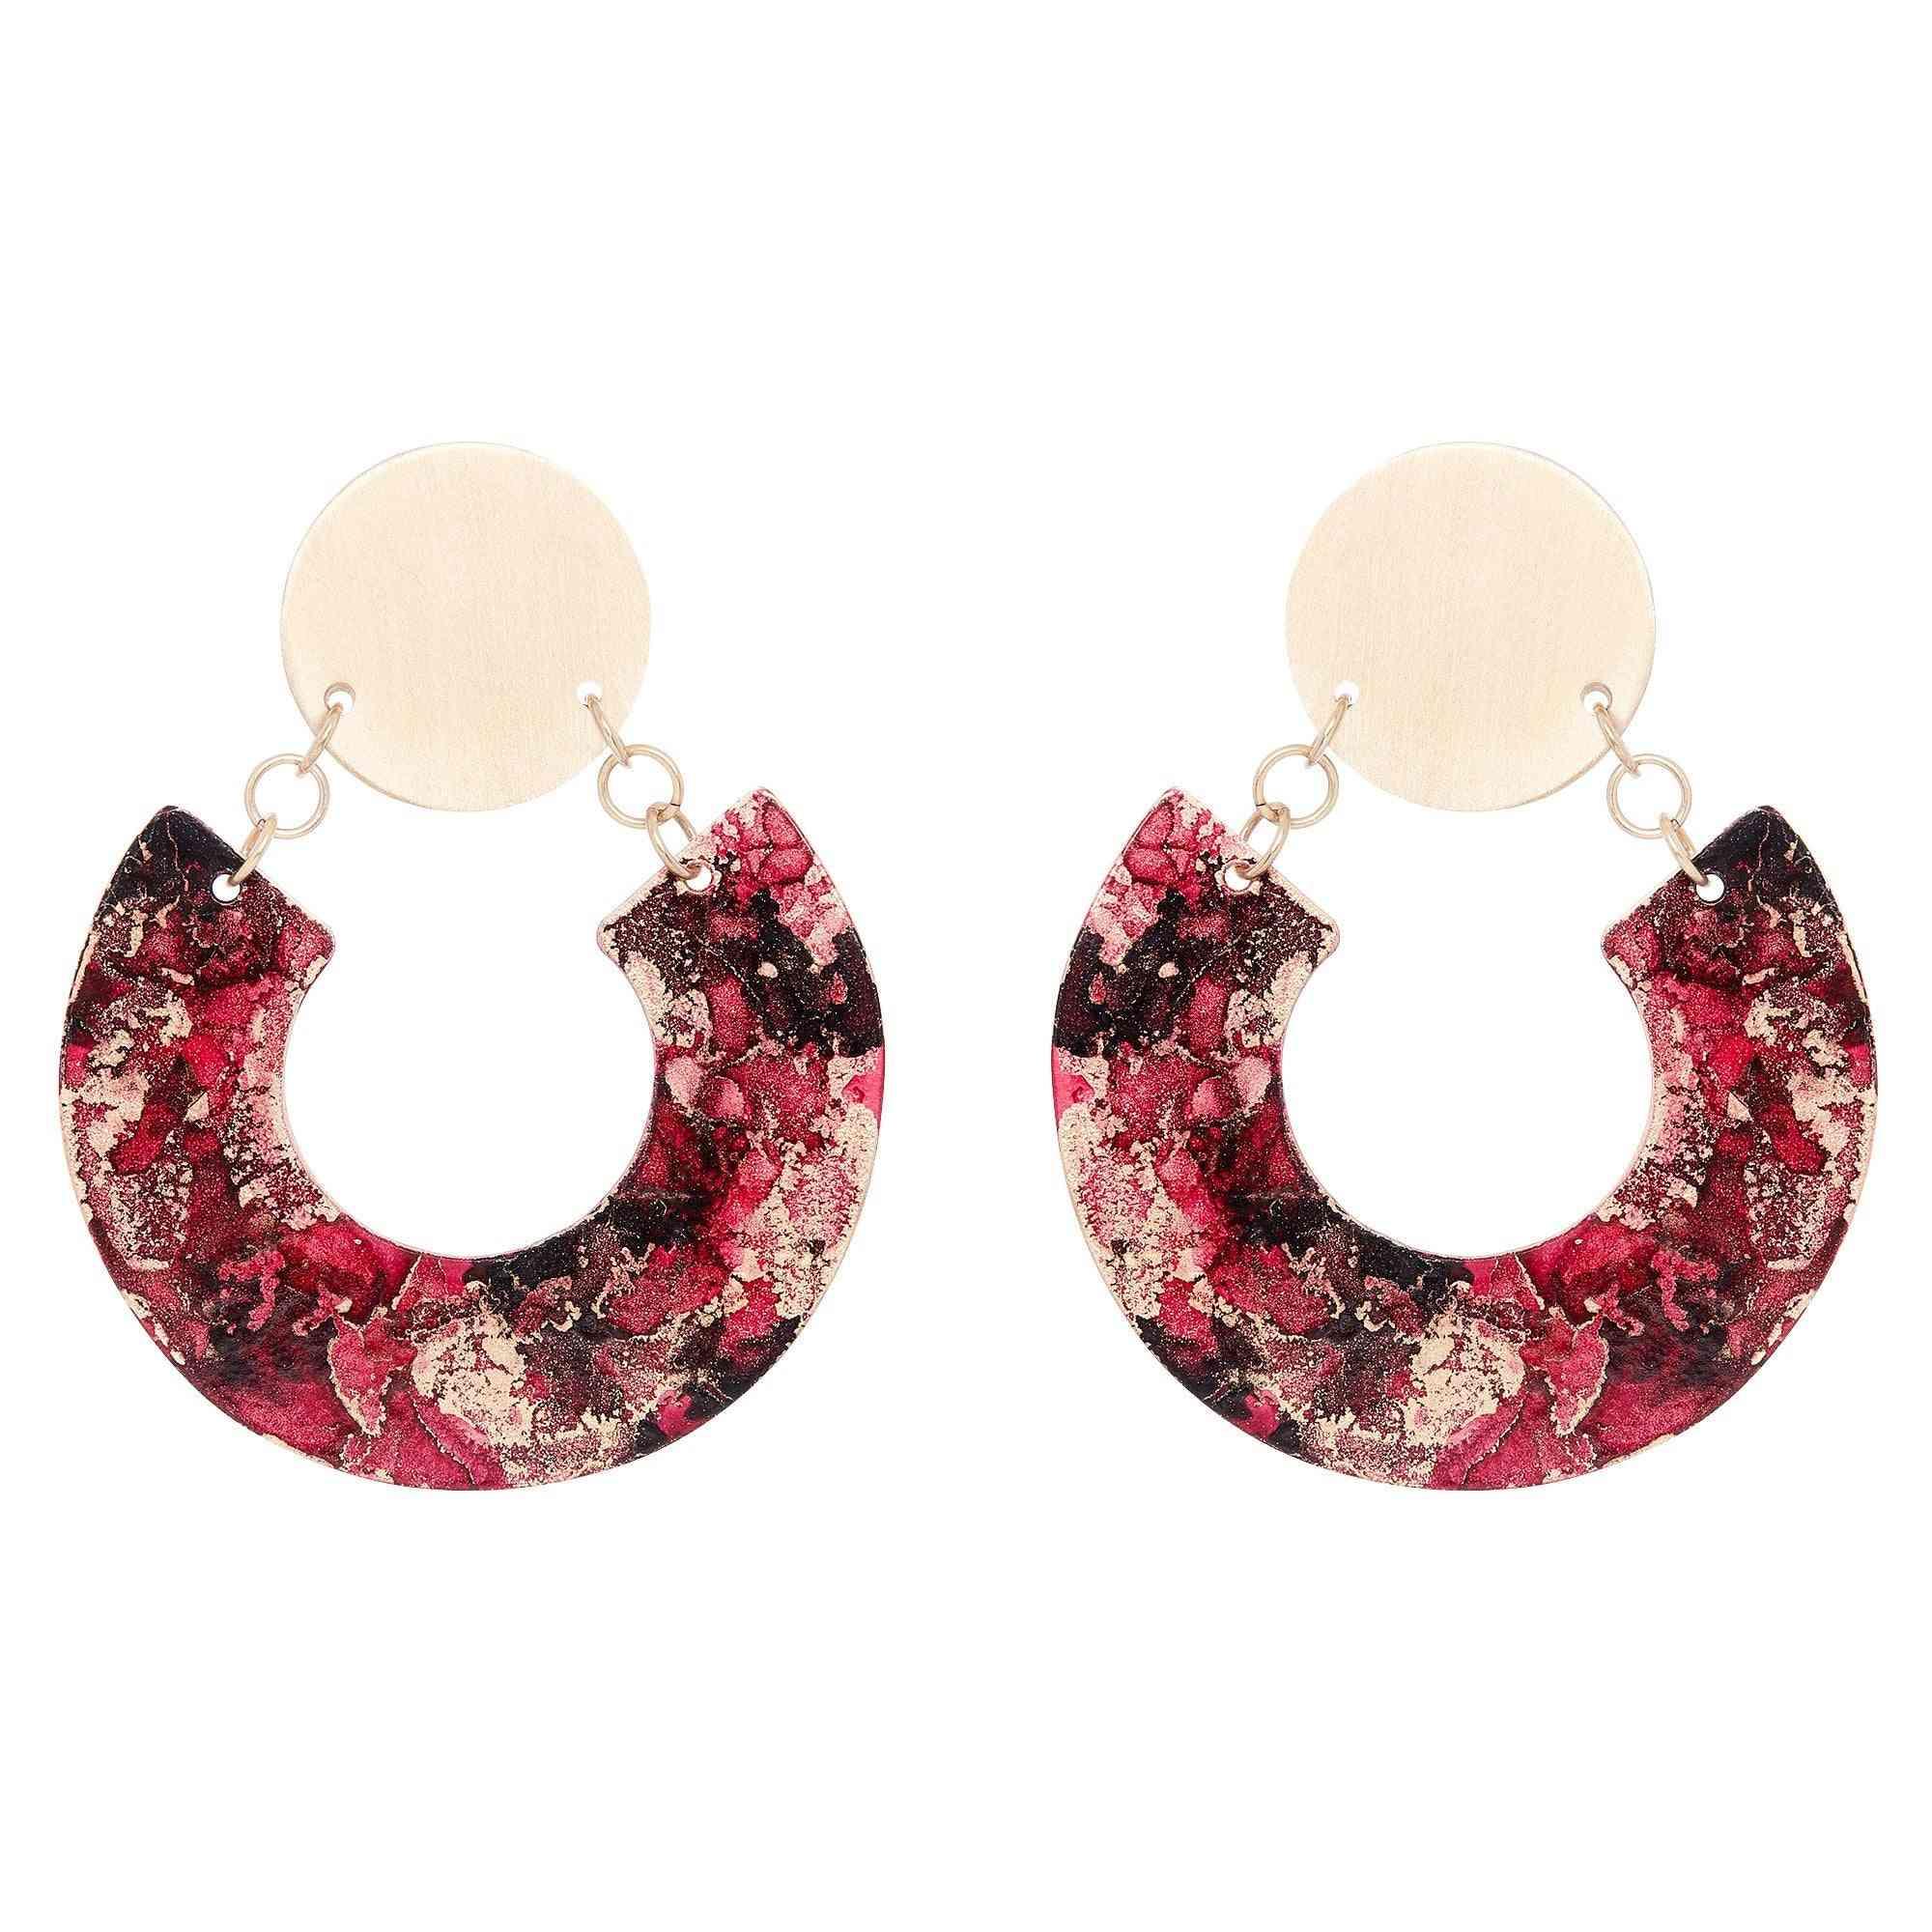 Horseshoe Shape Earrings